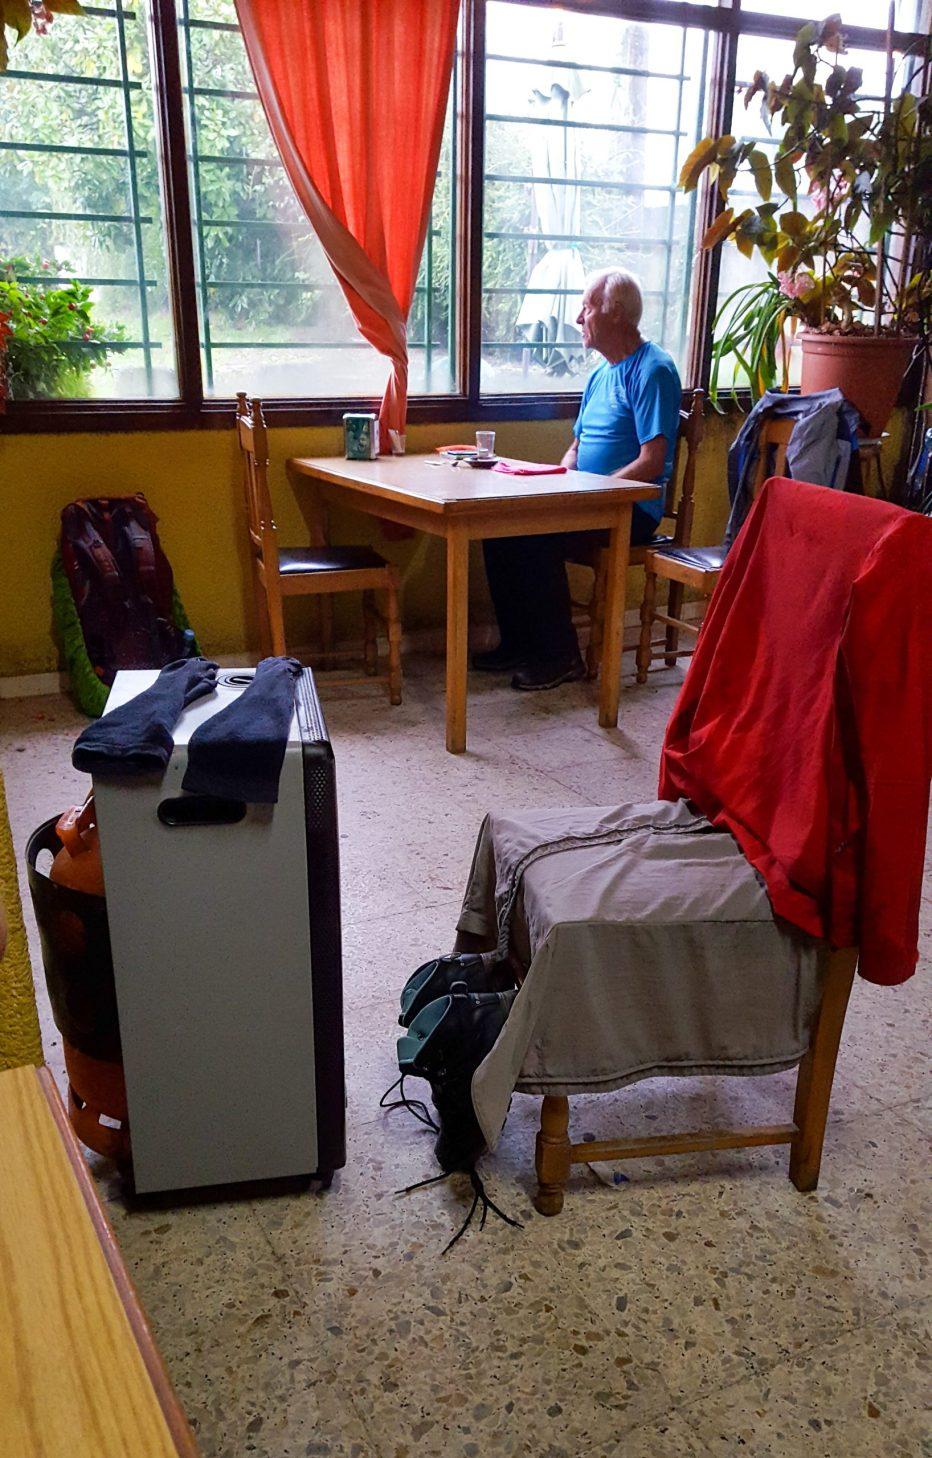 natte spullen drogen op de kachel in het café